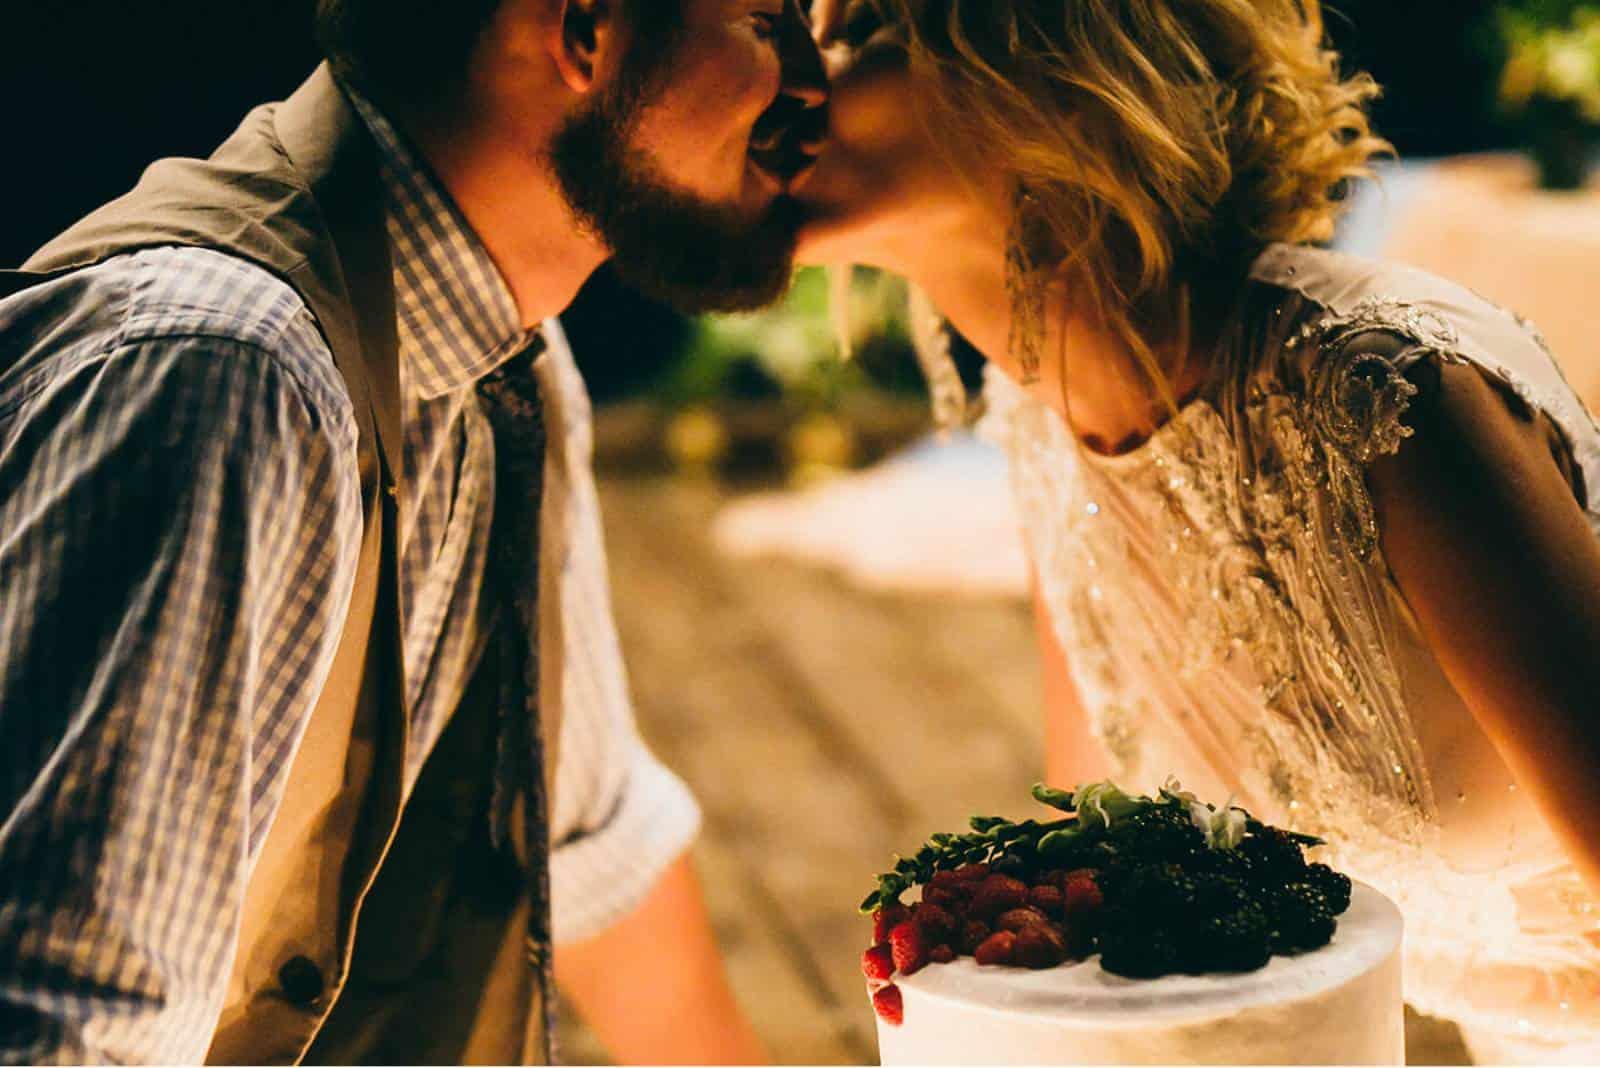 Braut und Bräutigam küssen nahe Hochzeitstorte.